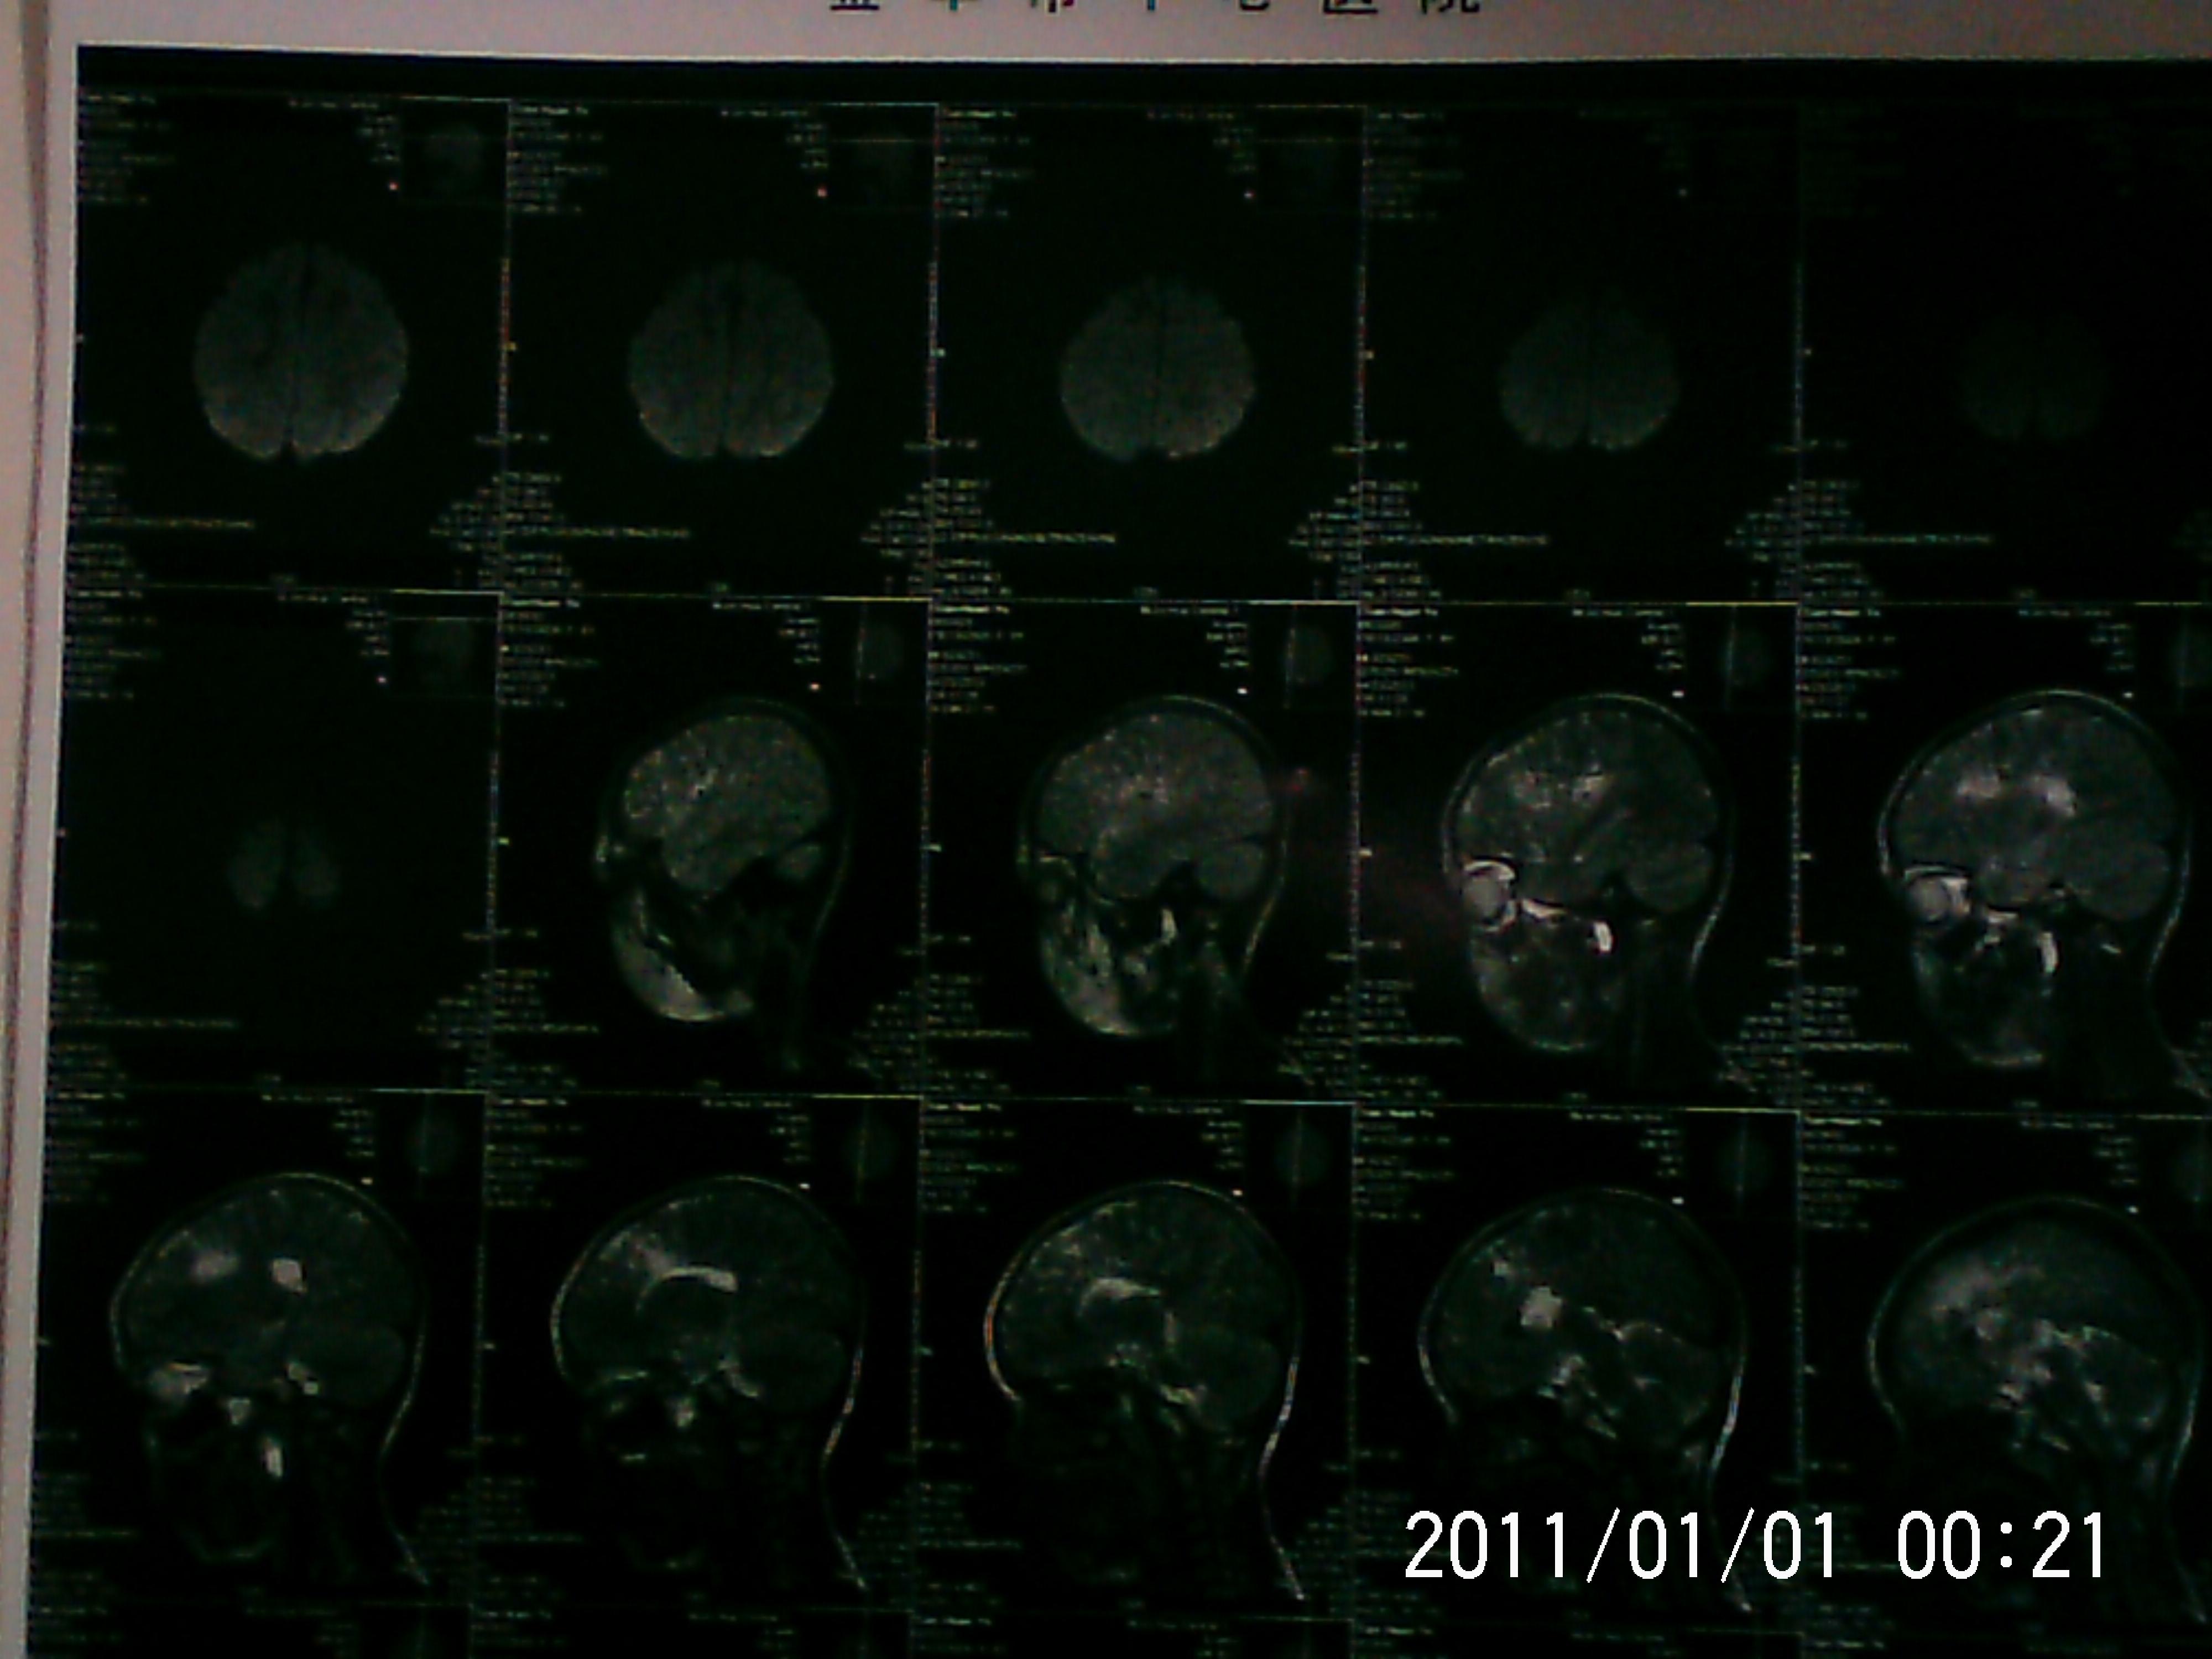 小儿脑两侧额叶发育不良.能治疗吗?